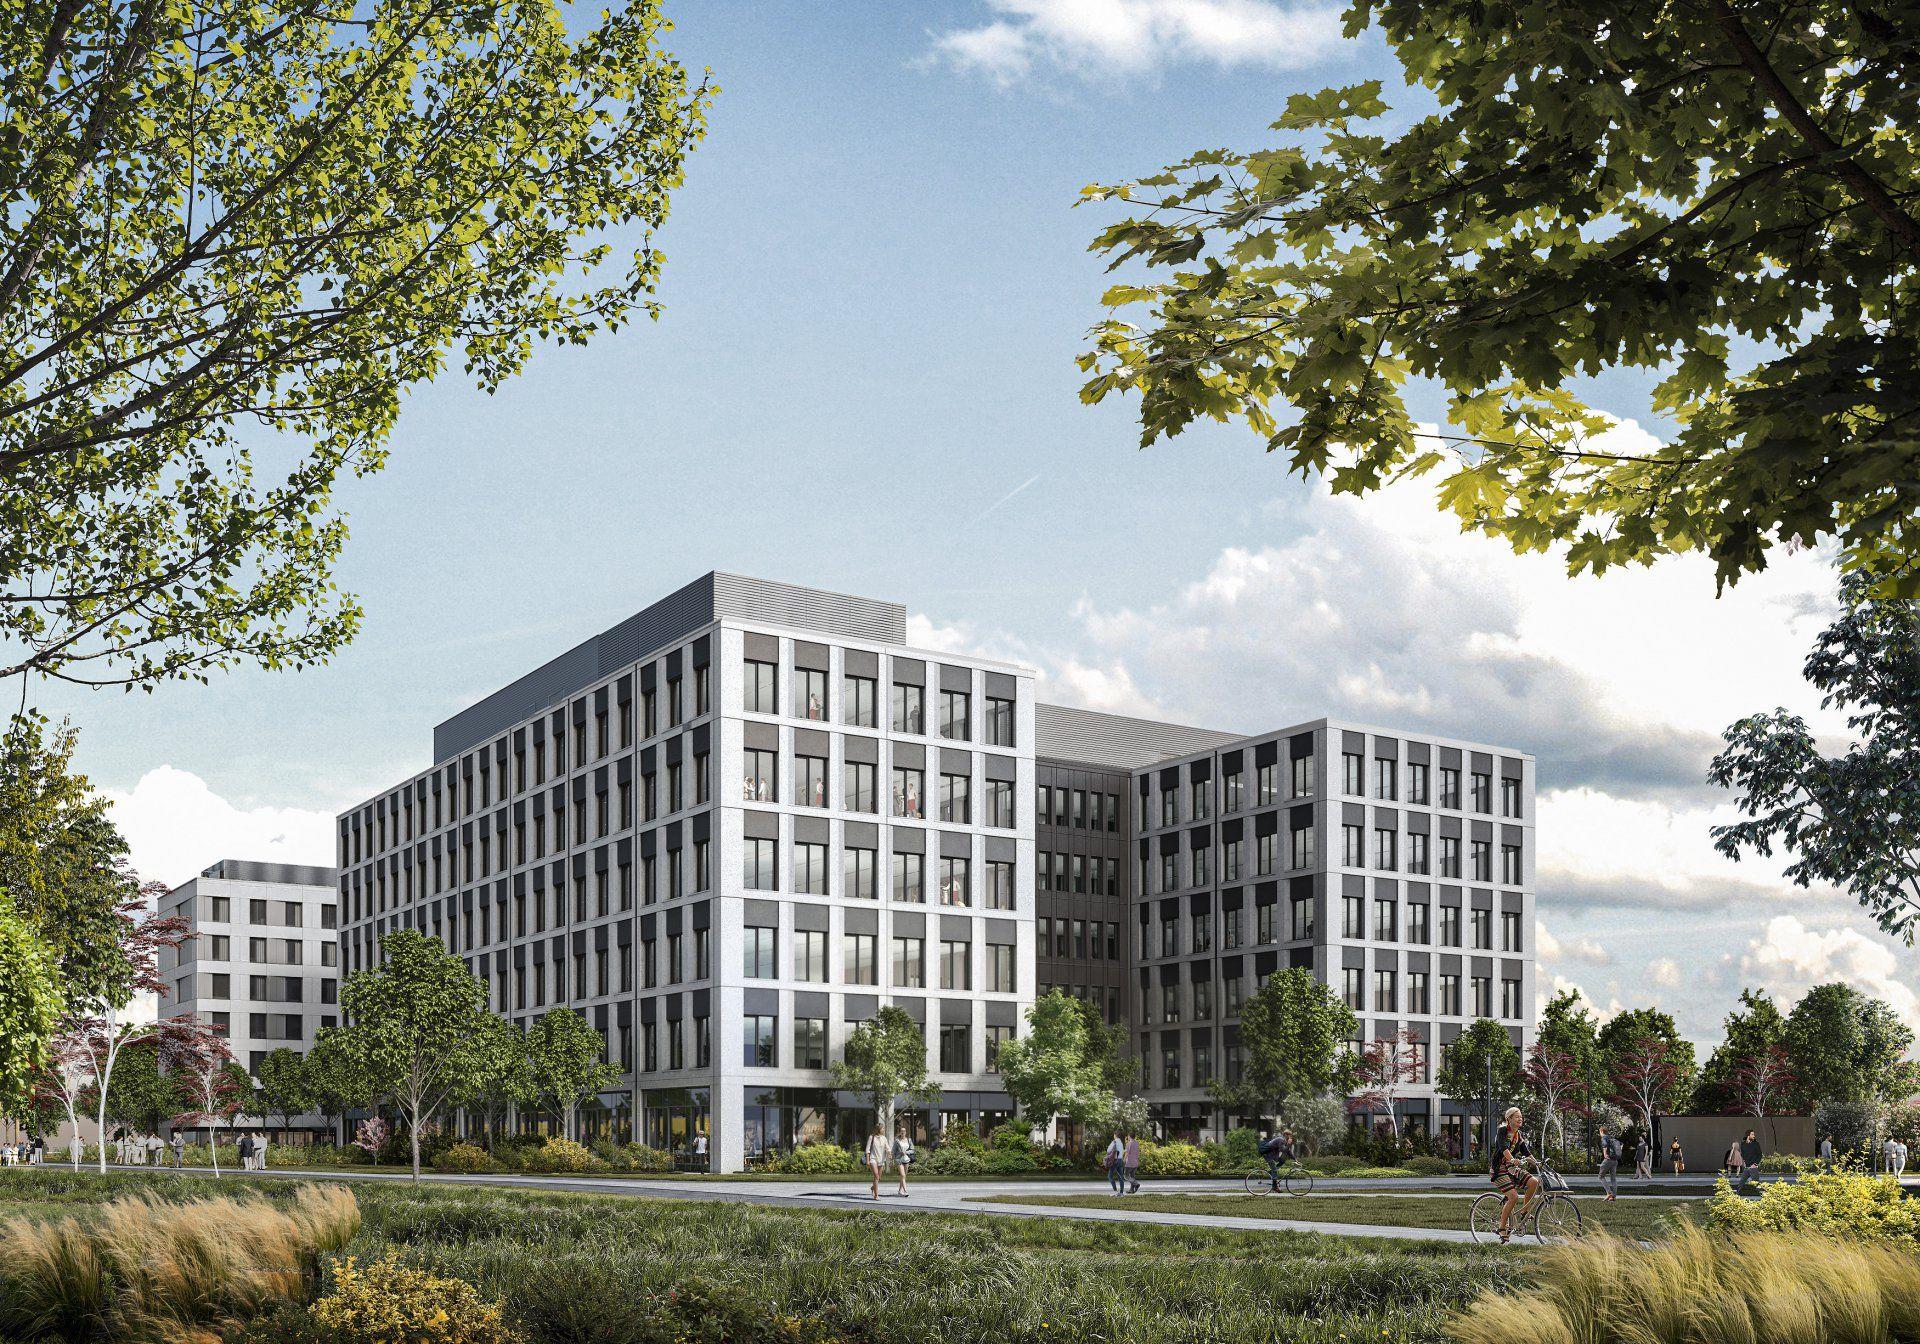 Vastint wybuduje we Wrocławiu nowy biurowiec i hotel. Powstaną obok kompleksu Business Garden